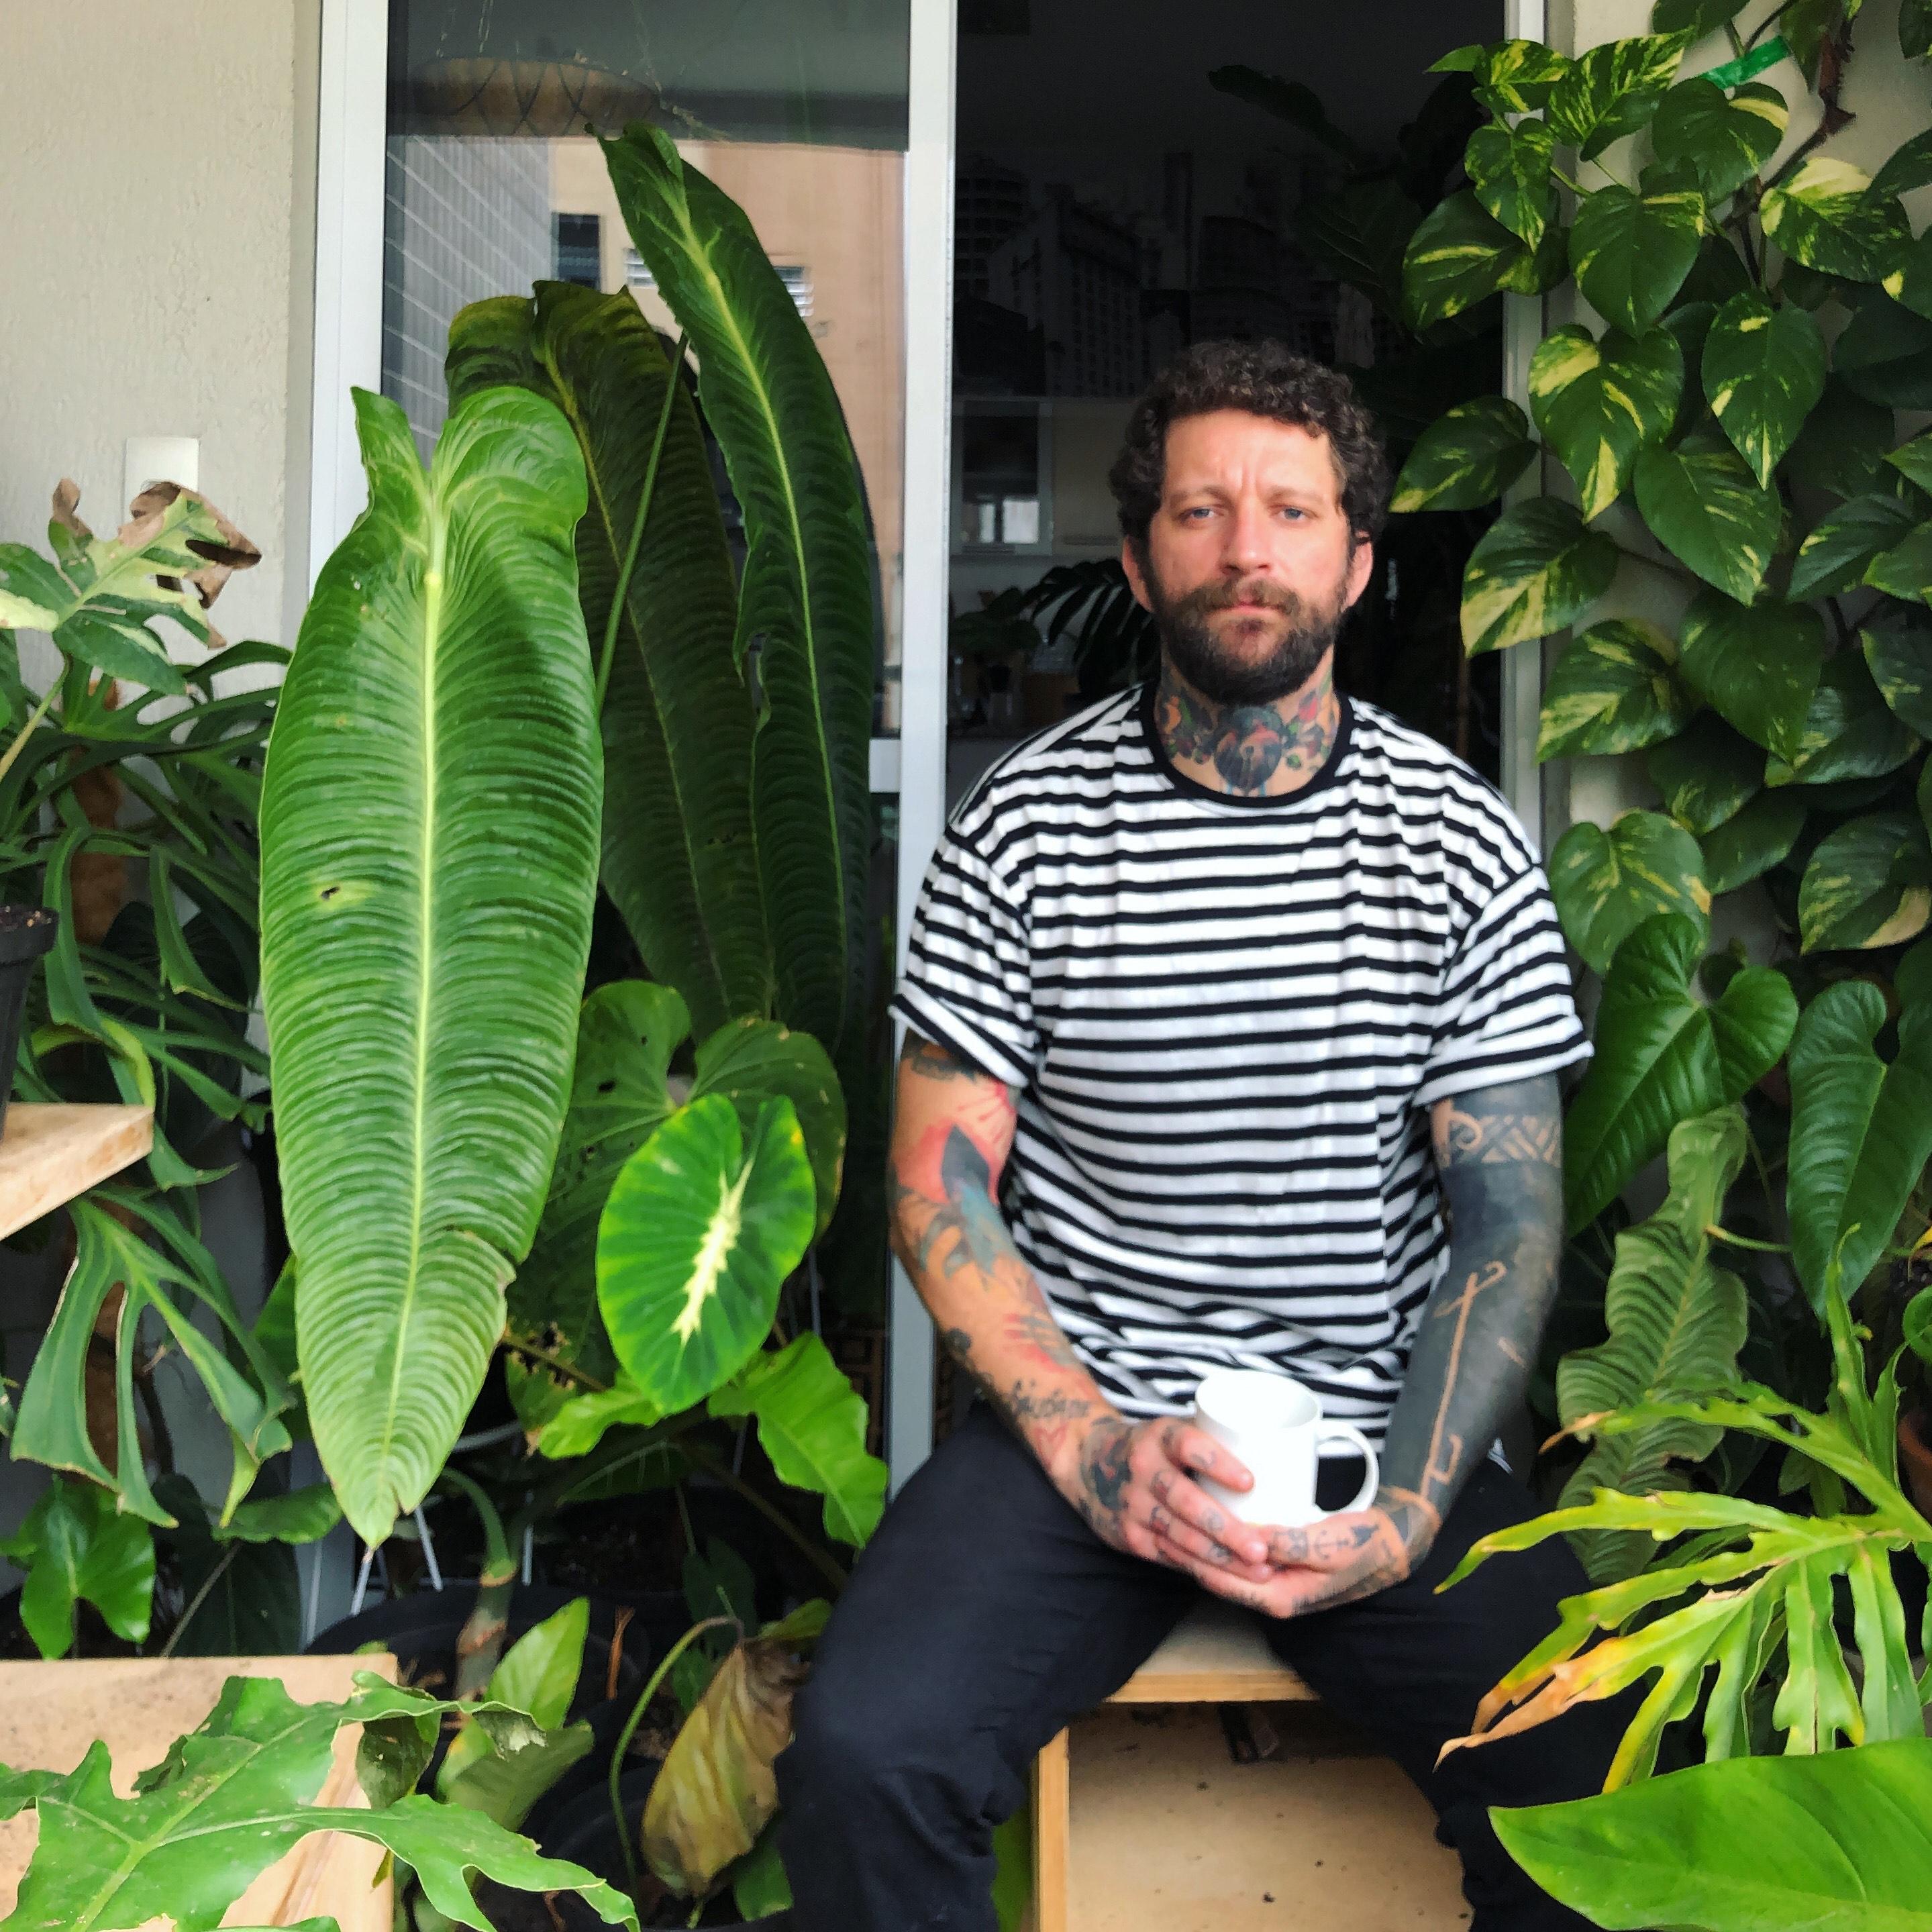 O barista Taniel segura uma caneca sentado na varanda de casa. Veste jeans escuras e uma camiseta com listras brancas e pretas. Ao redor, plantas com folhas verdes ocupam todo o espaço.